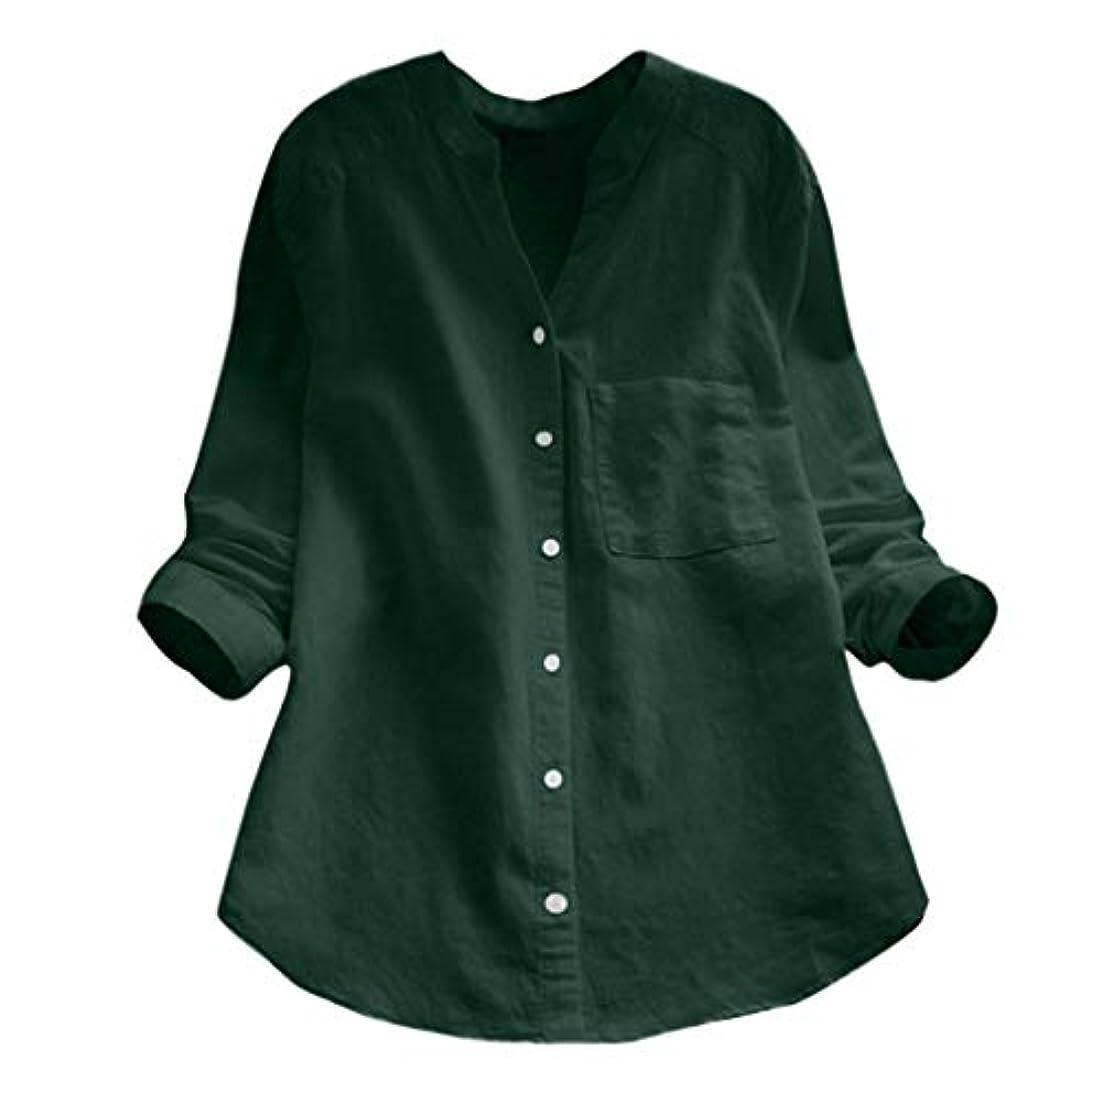 から聞く州分散カジュアル Tシャツ Rexzo Vネック 長袖 トップス カジュアル ポケット付き 綿麻 シャツ 純色 ボタンダウン カットソー ファッション シンプル ブラウス さっぱりした 夏服 おしゃれ 洋服 着心地良い 通勤...